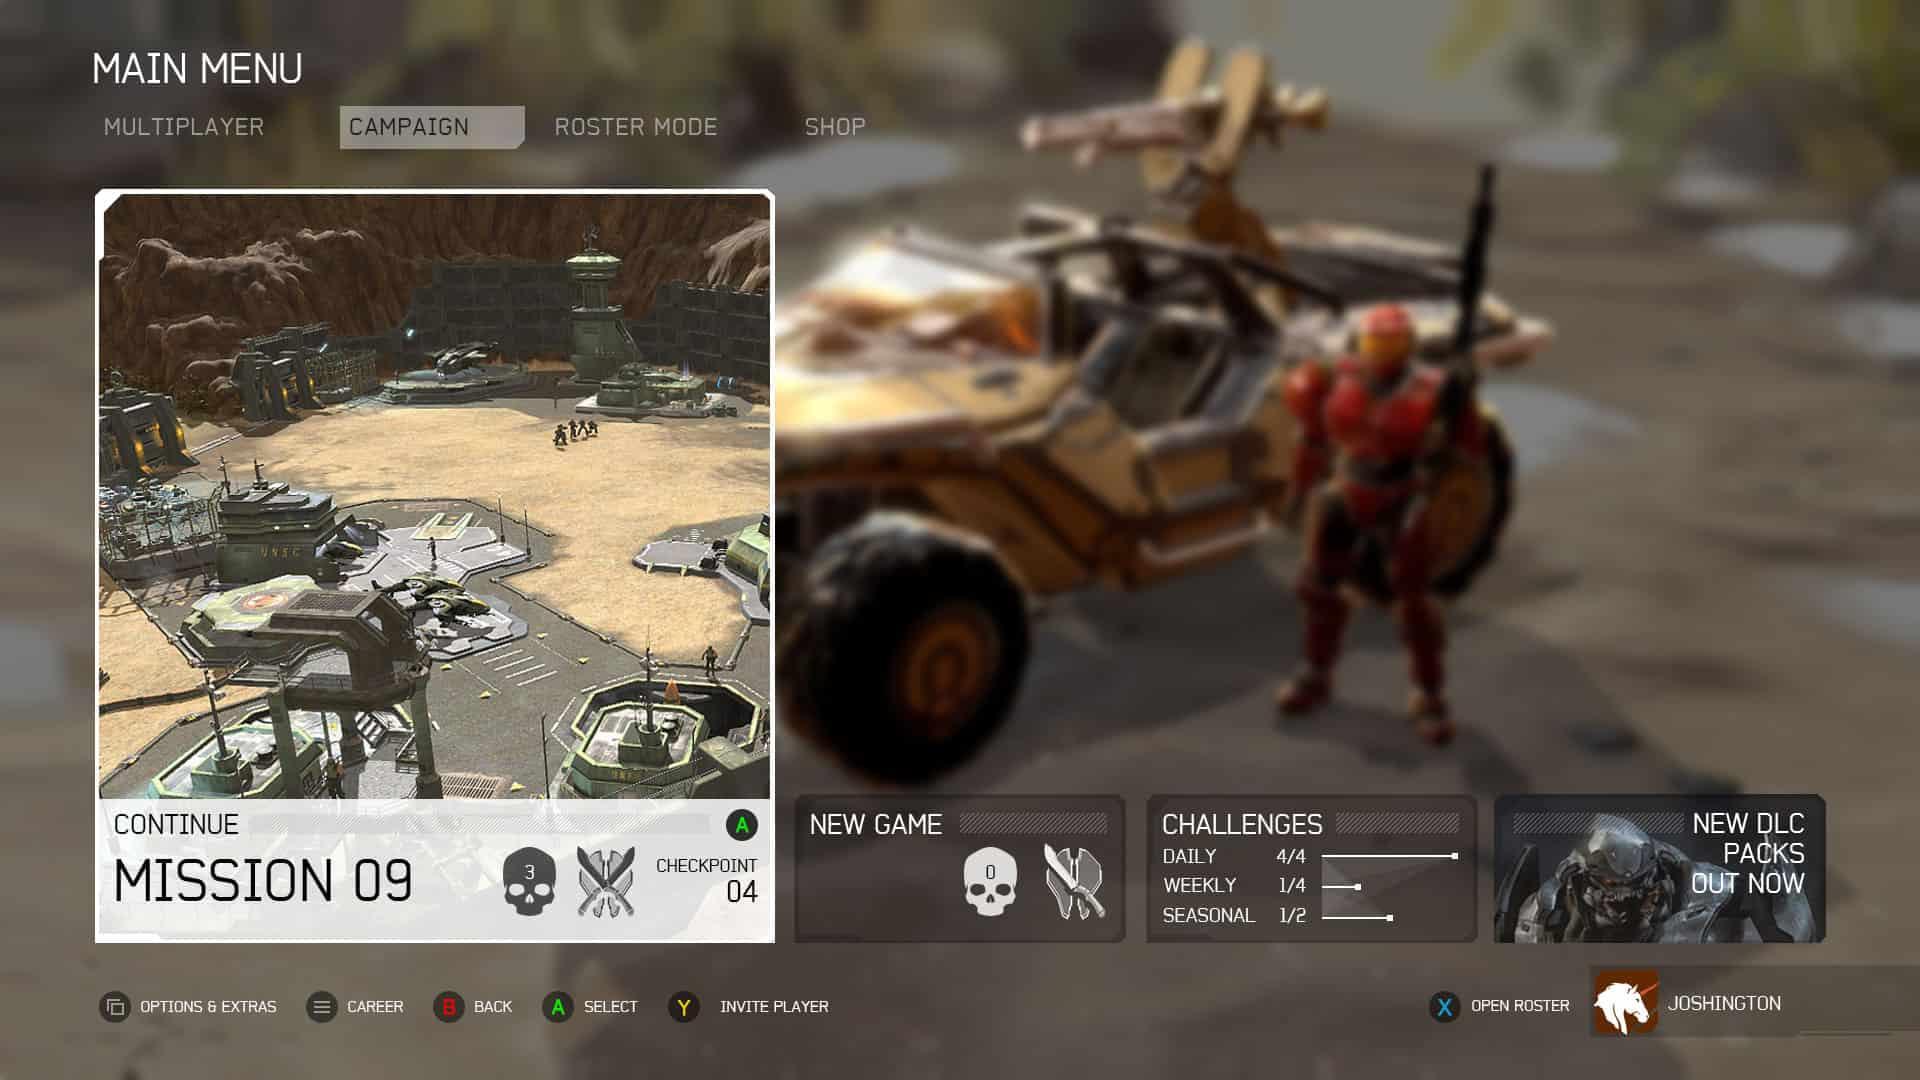 Halo Wars 2 Main 02